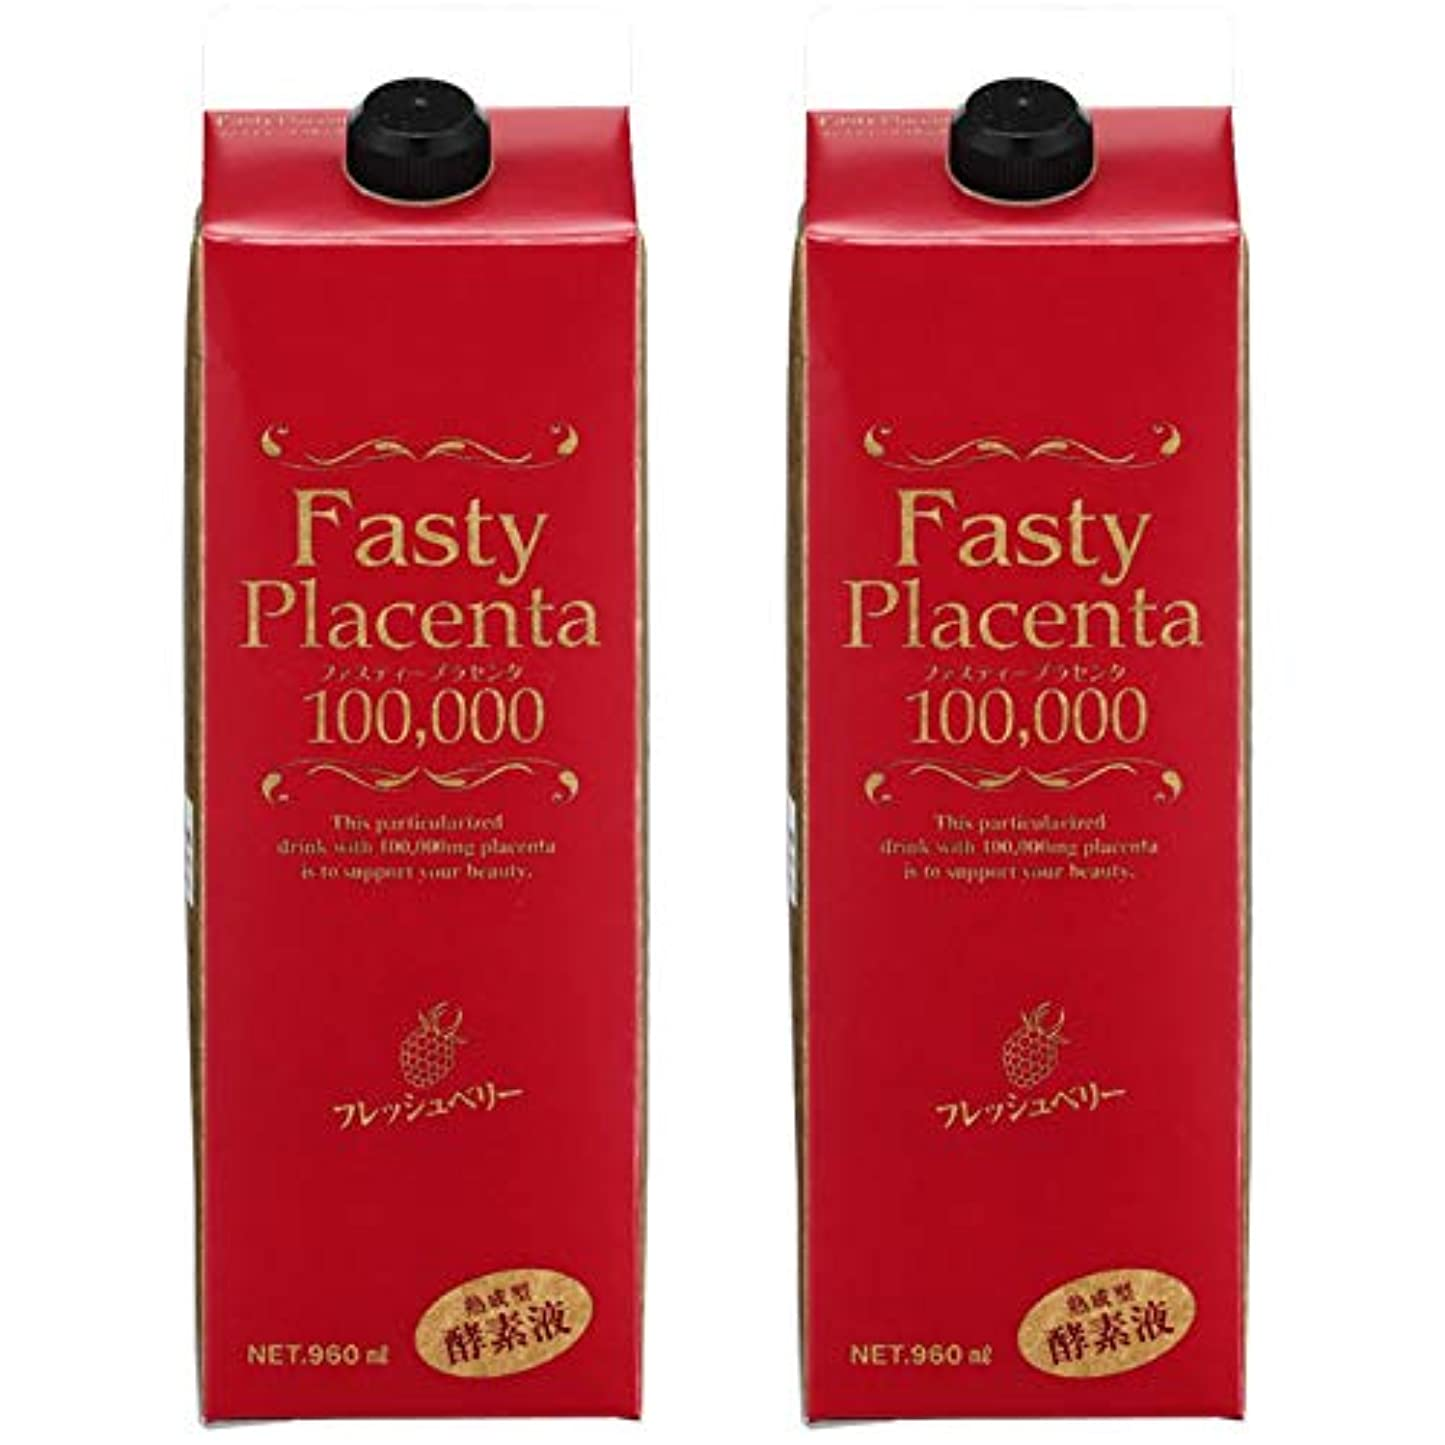 優越コア赤字ファスティープラセンタ100,000 増量パック(フレッシュベリー味)2個